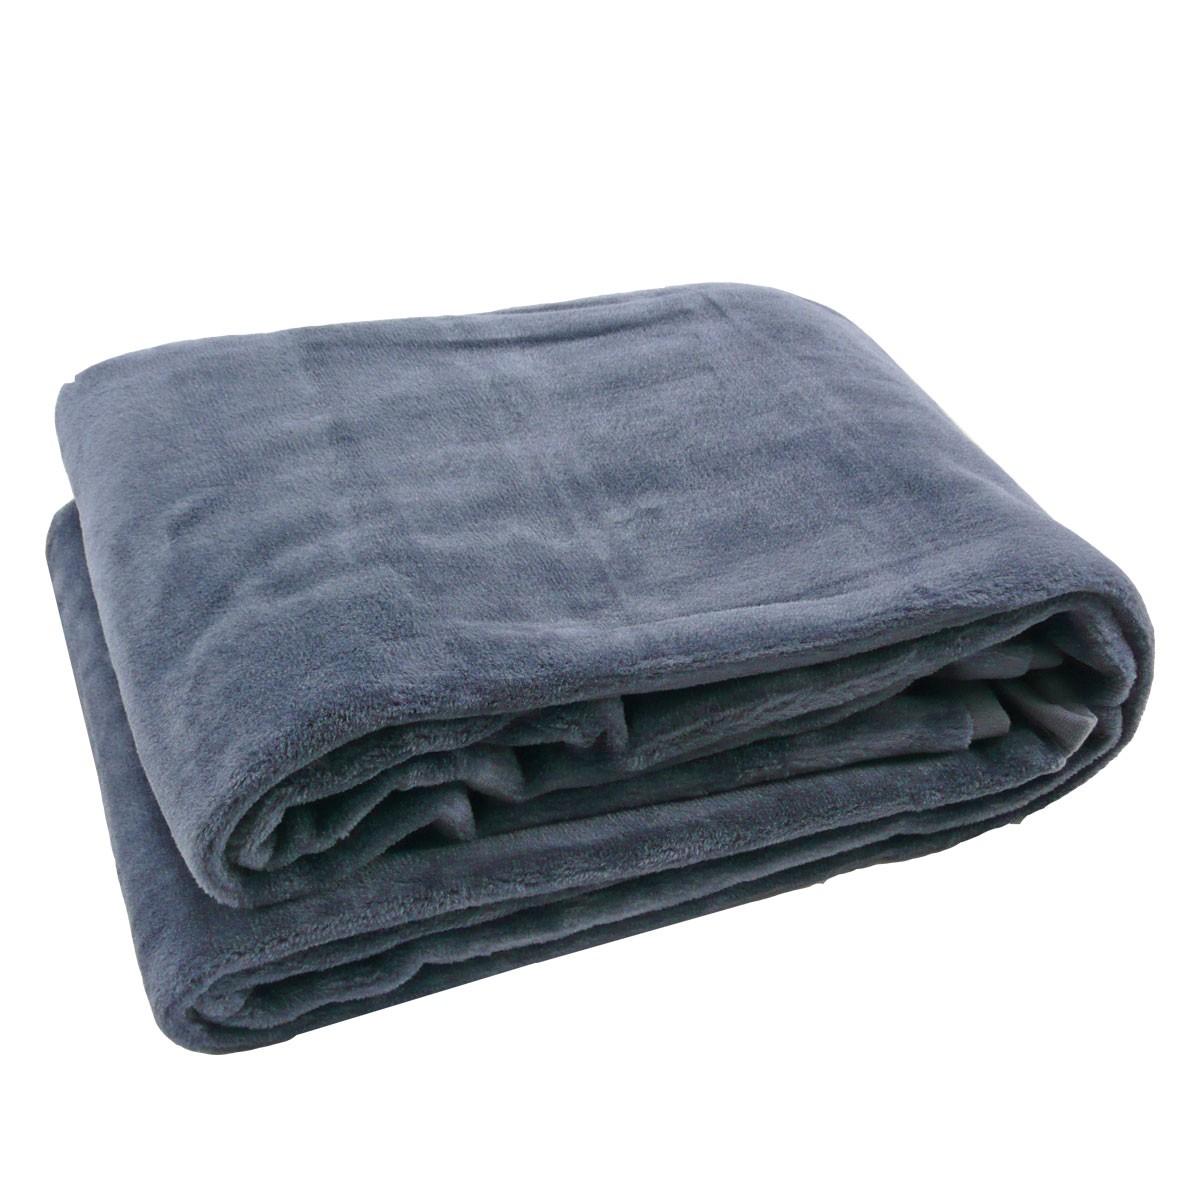 fleece decke kuscheldecke flauschdecke anthrazit 150x200cm. Black Bedroom Furniture Sets. Home Design Ideas